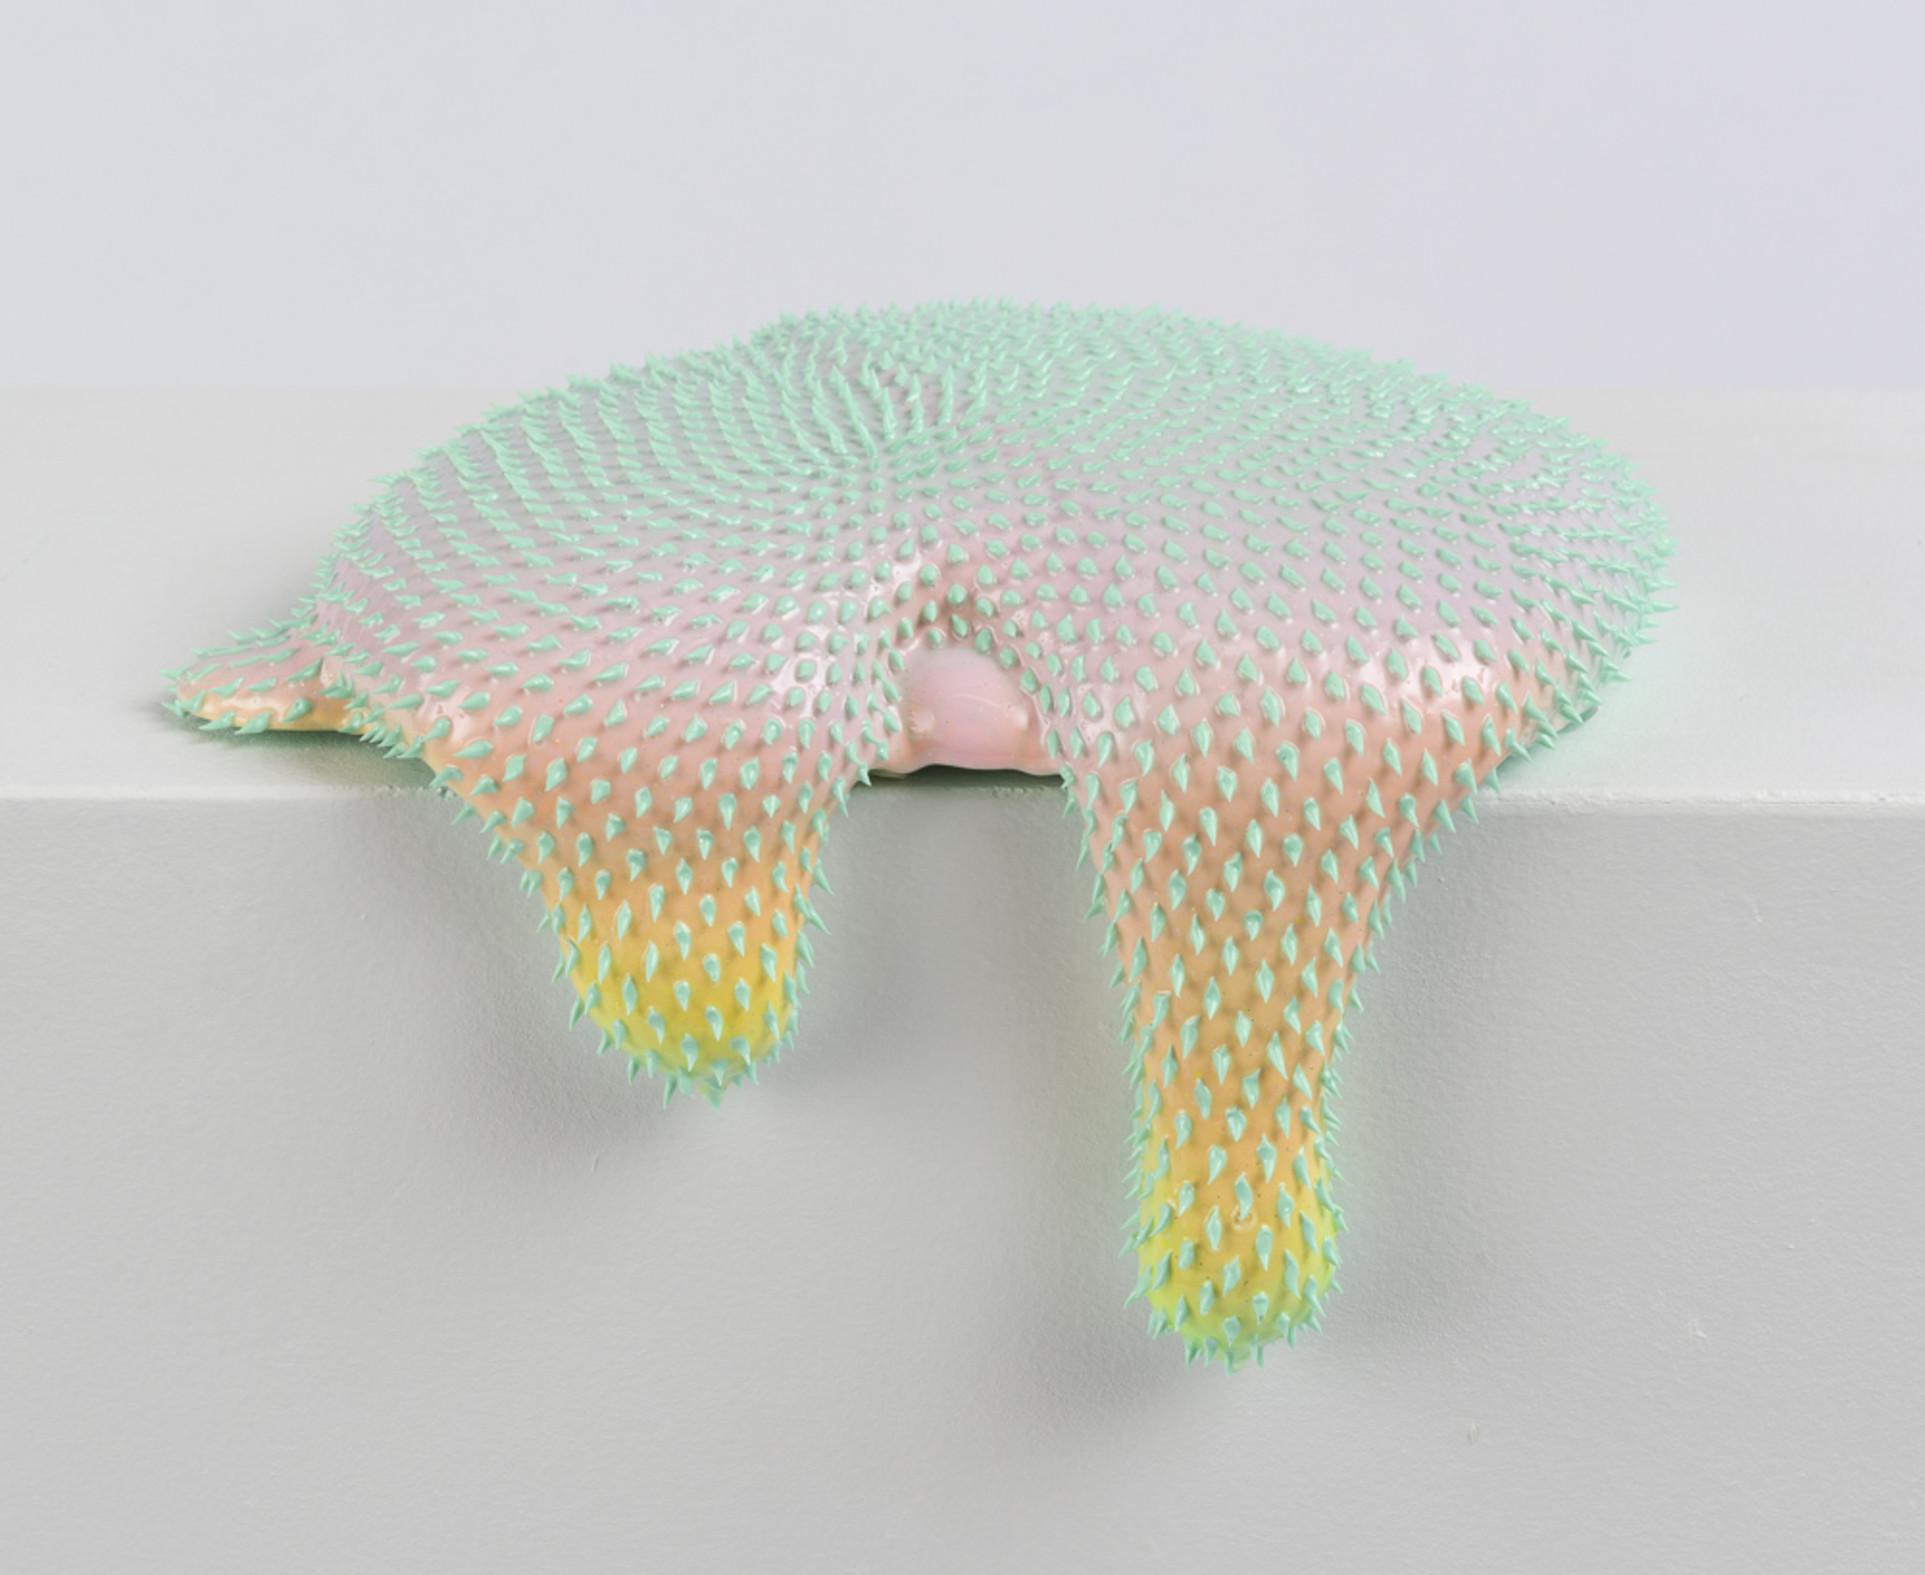 Dan Lam, Impressive Collection, 2017